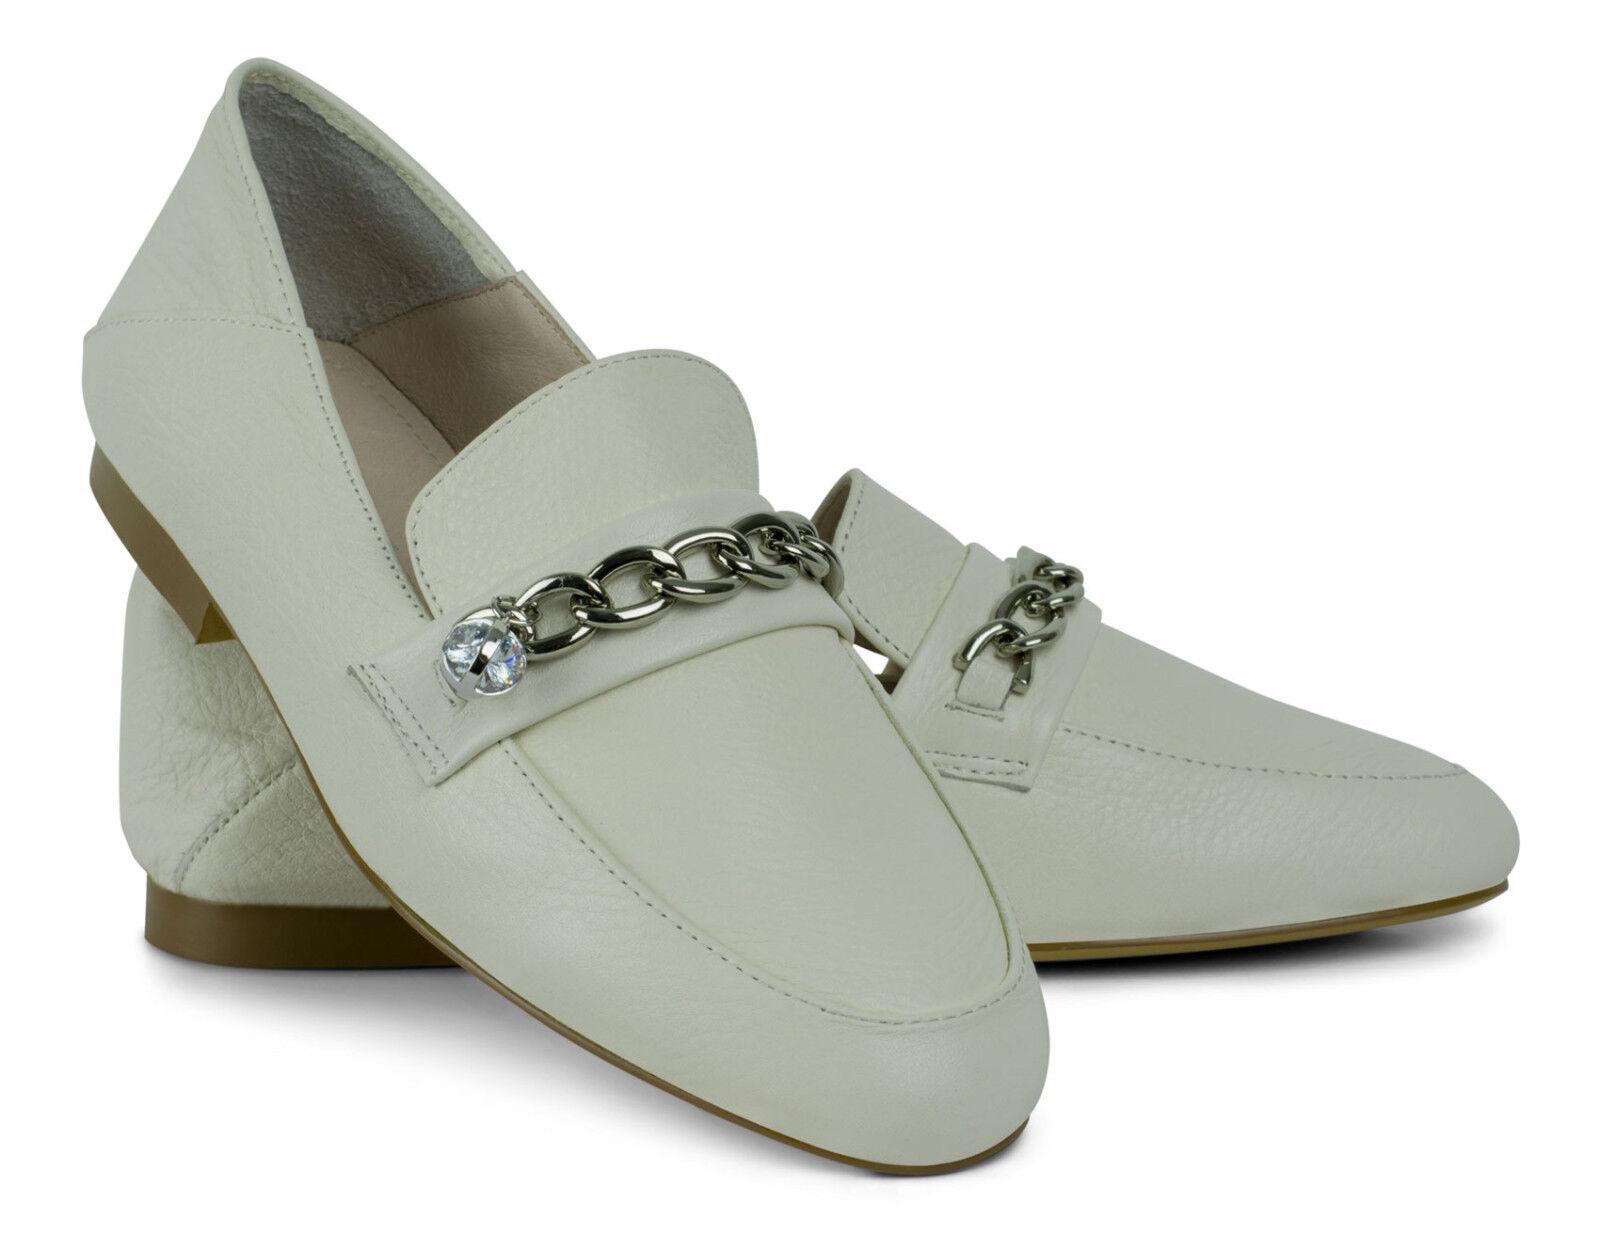 Loafer Slipper Pantolette Weiß Leder Leather Weiß Mule Loafer